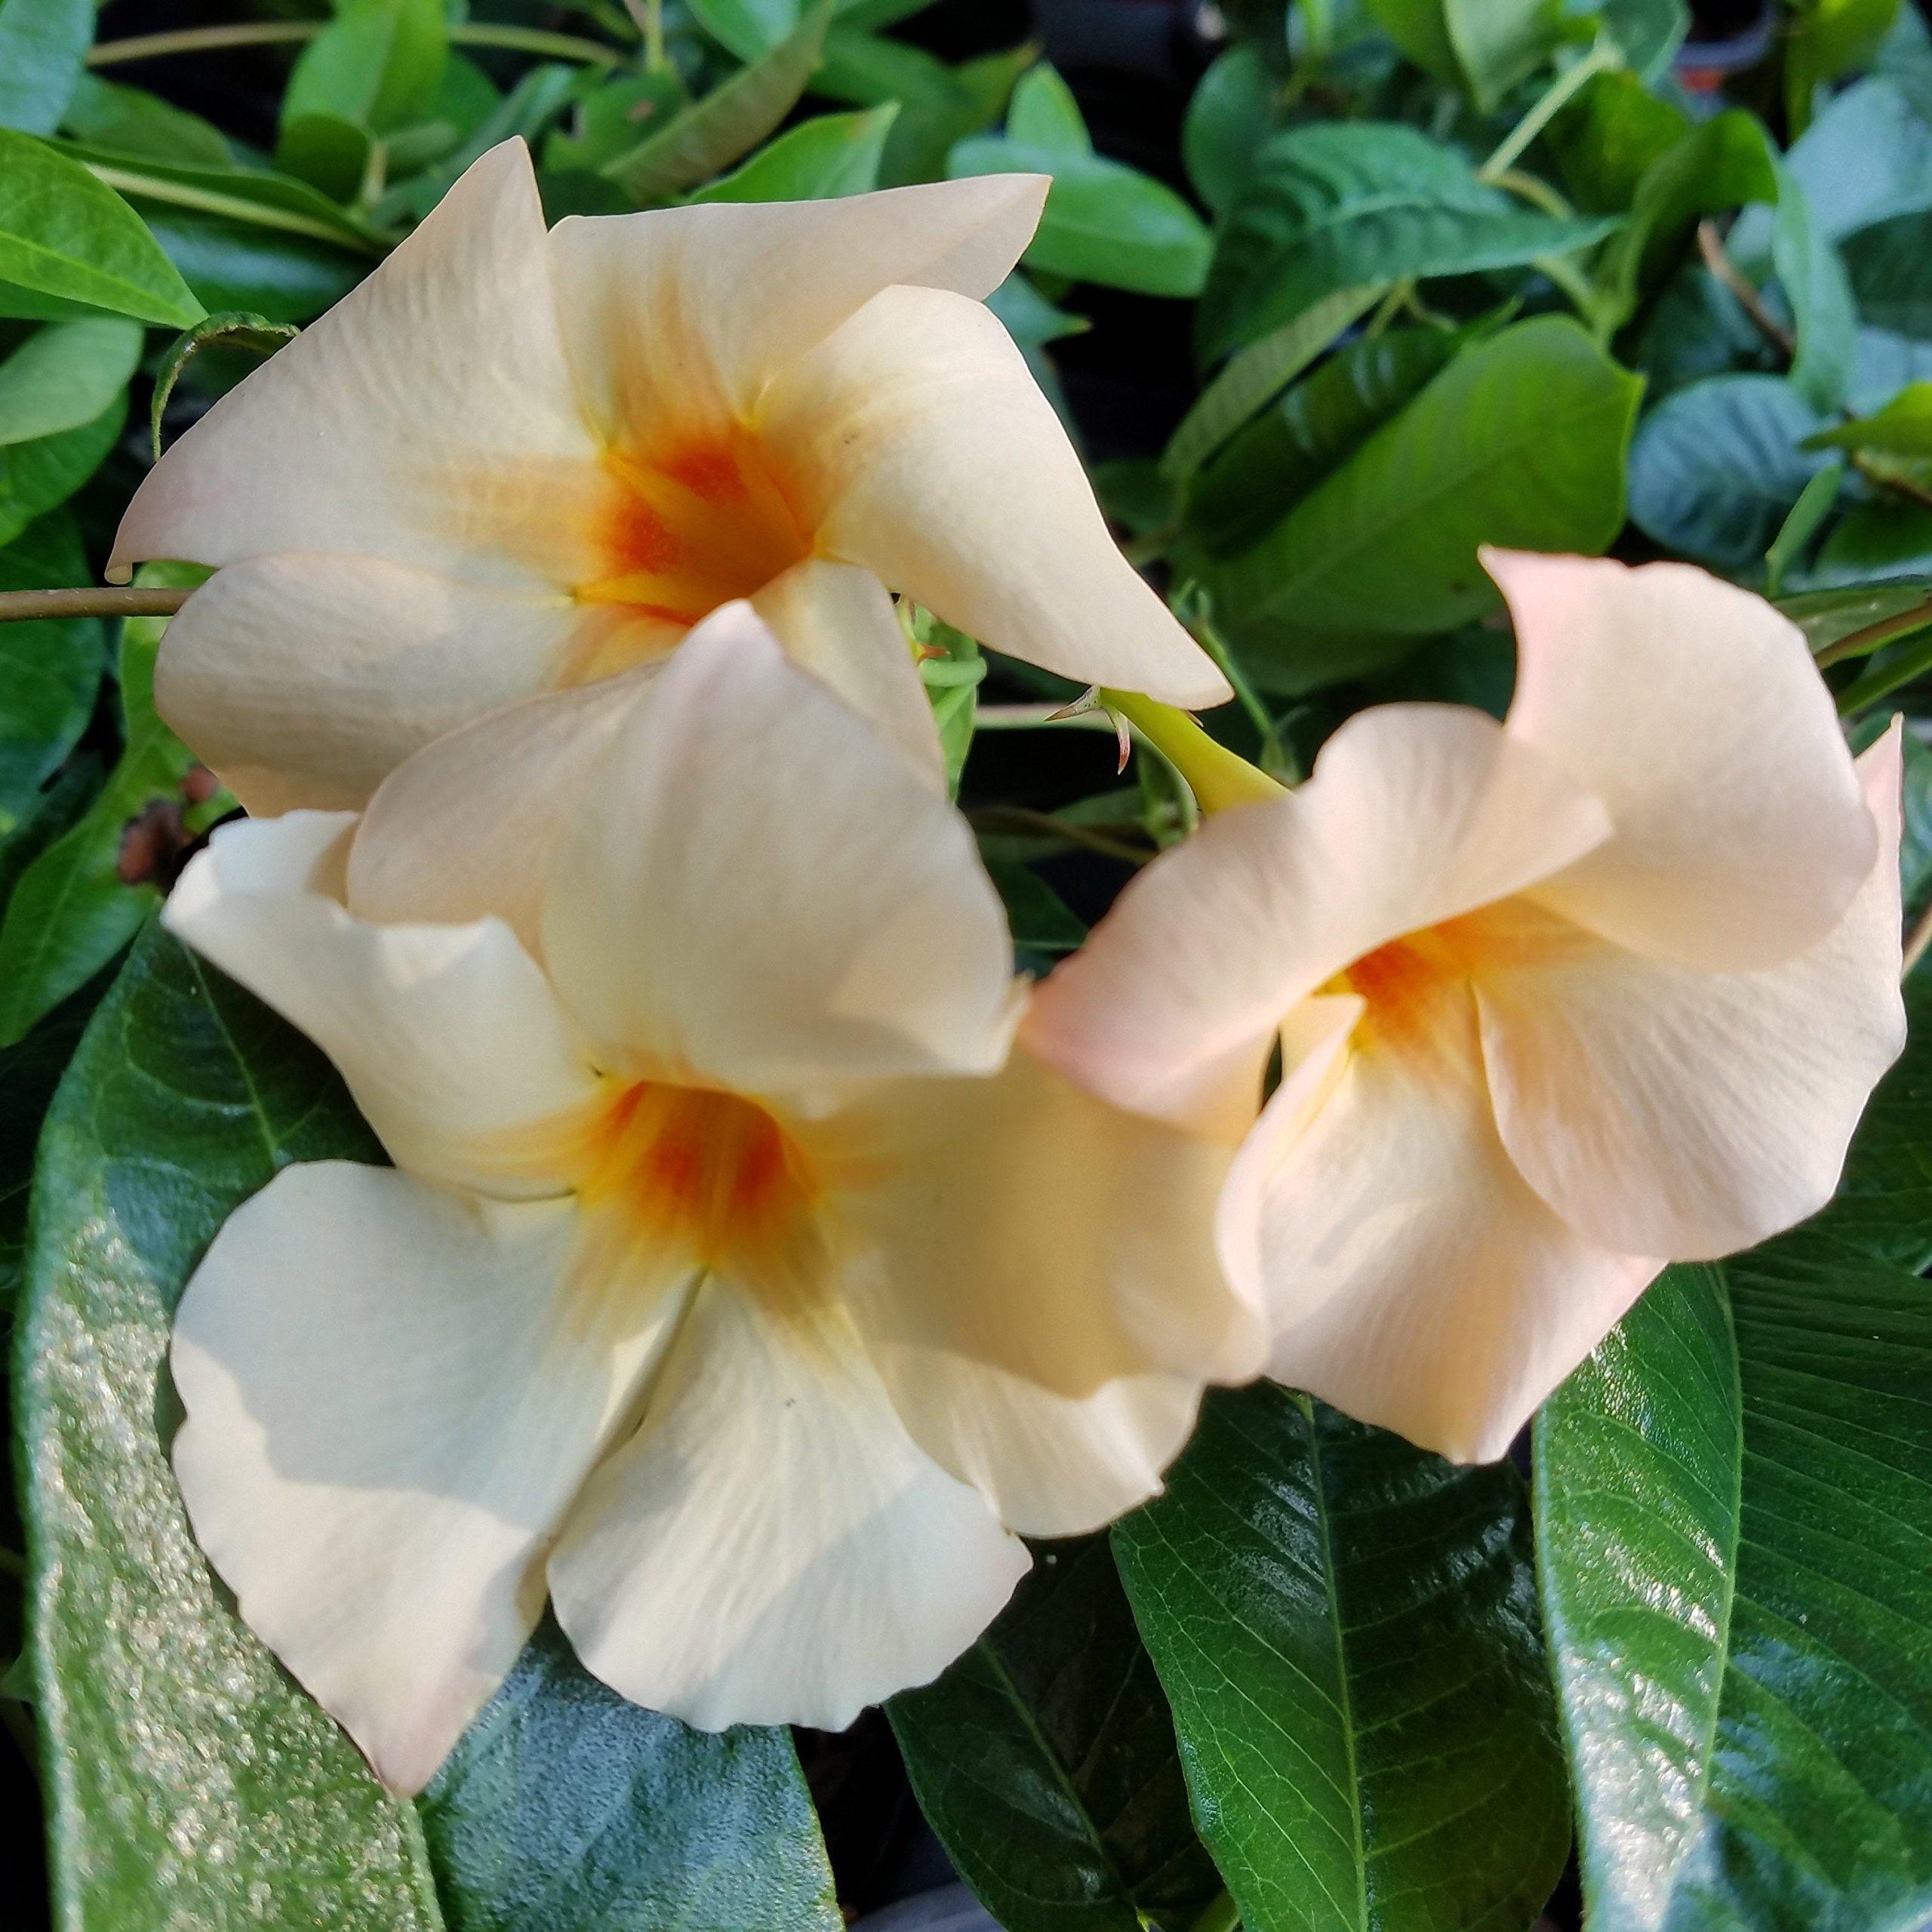 Sandys Nursery Online Mandevilla Apricot ~Lot of 2 ~ Starter Plants by Sandys Nursery Online (Image #2)